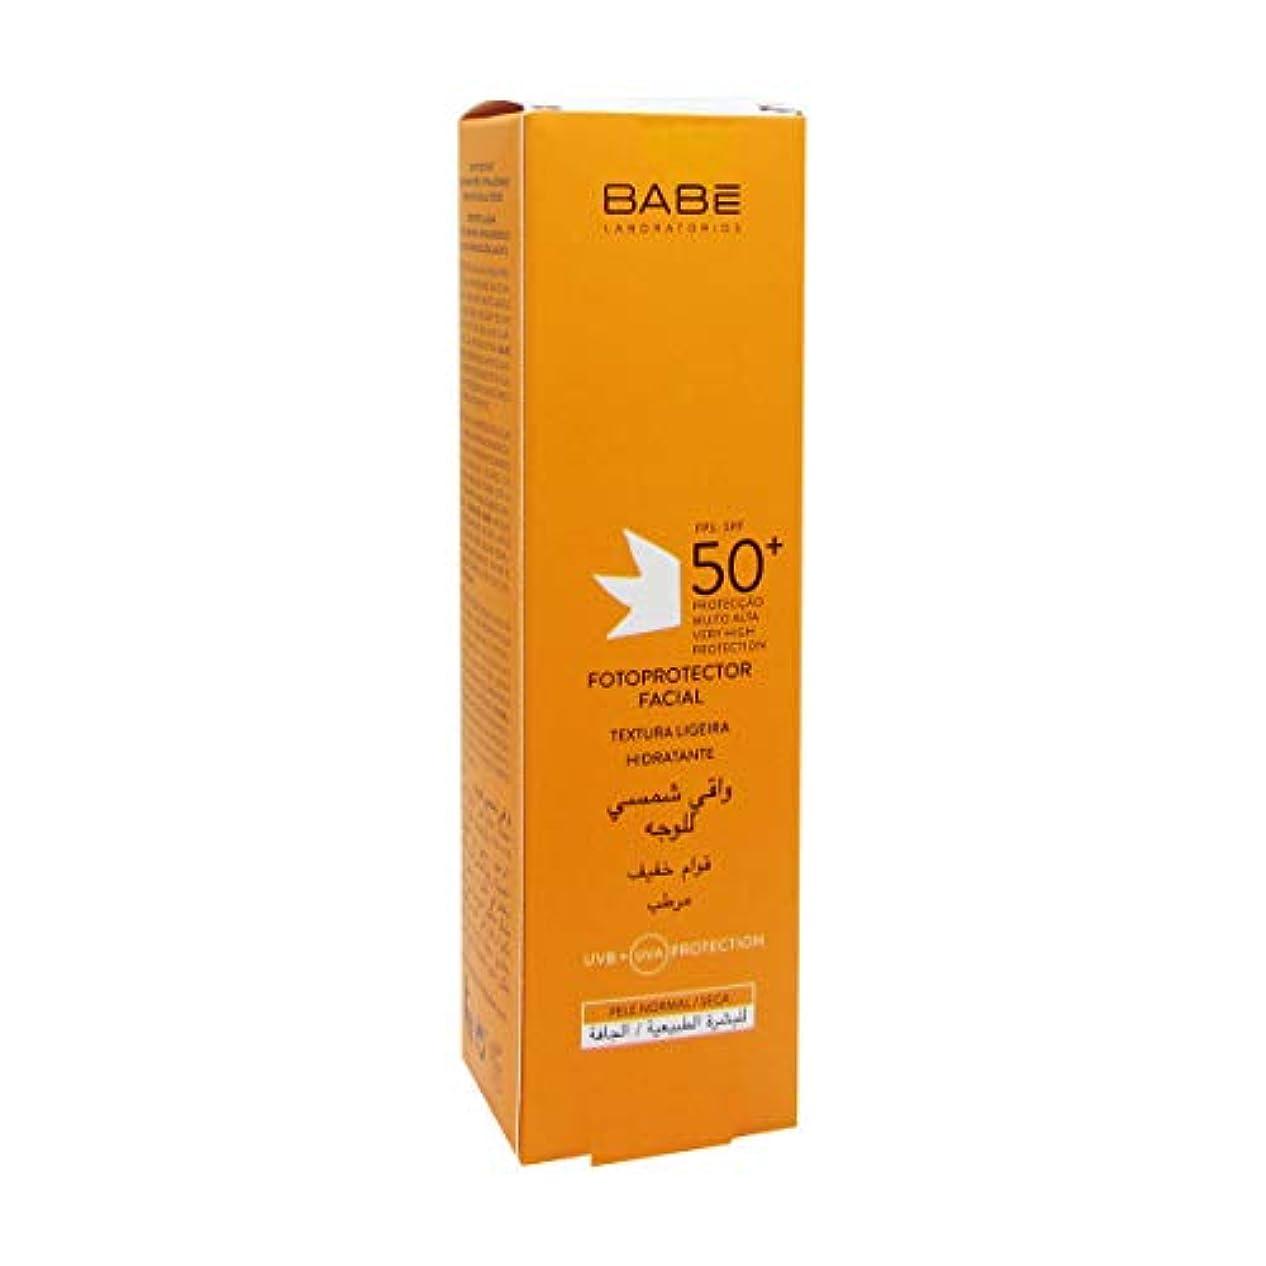 掃く応用デッドBab Sun Light Facial Photoprotector Fps50+ 50ml [並行輸入品]